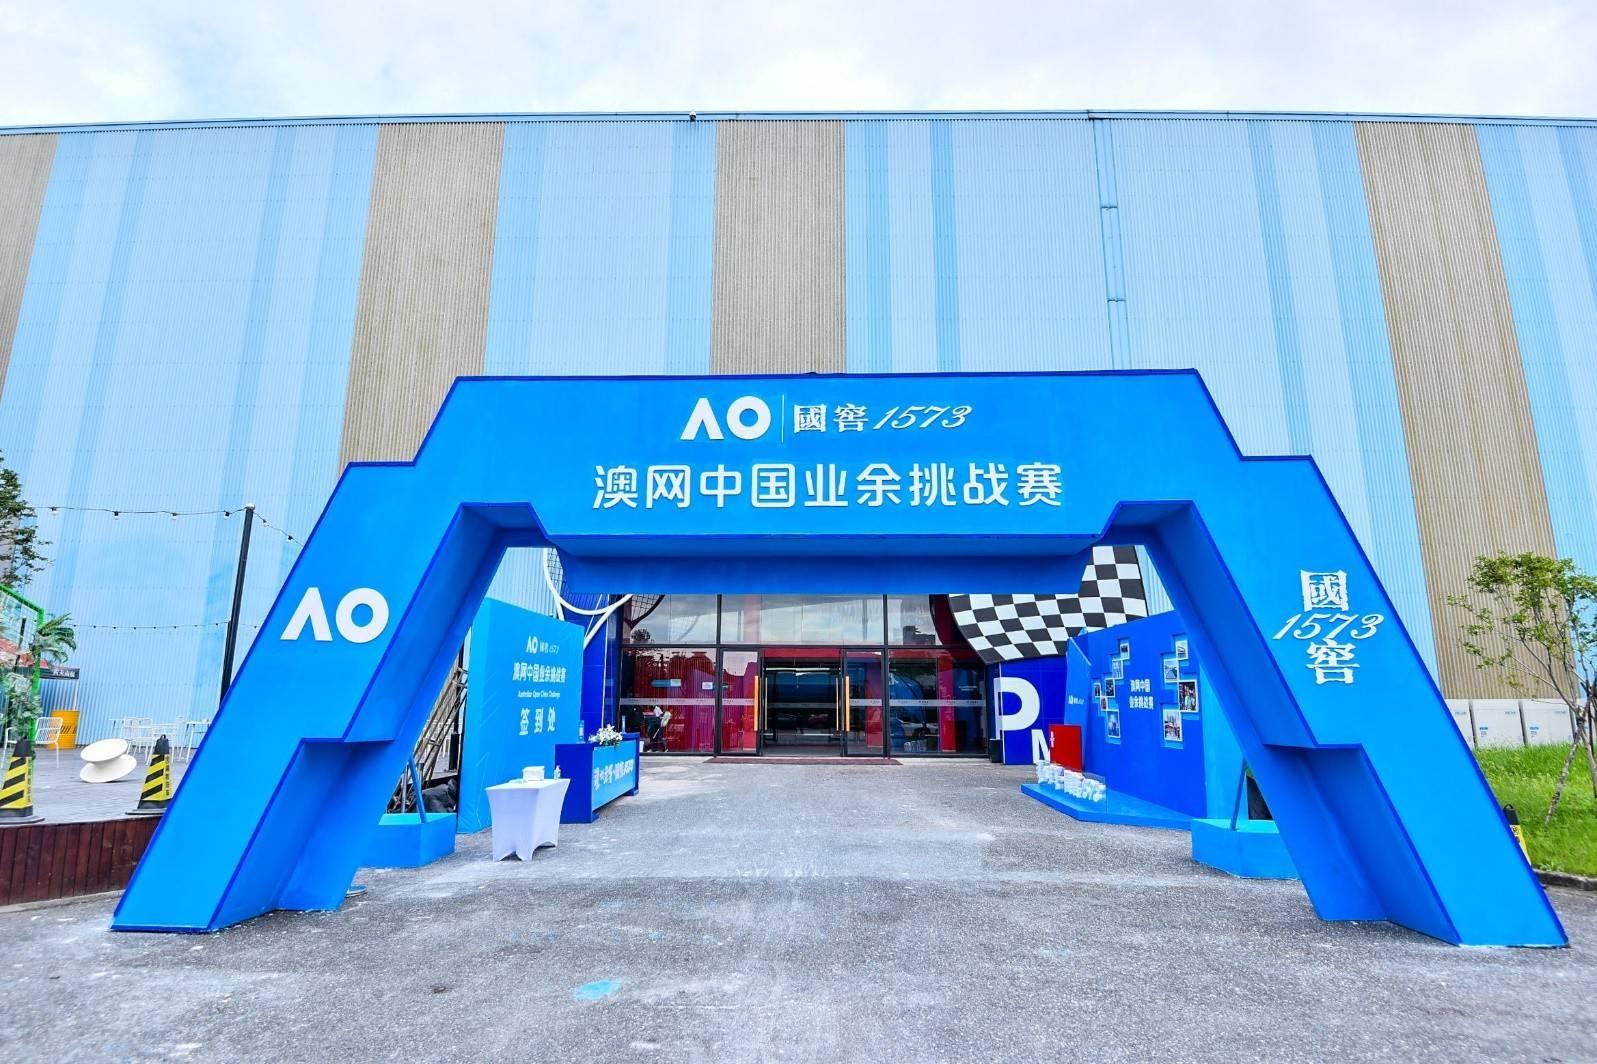 挥拍魔都 2021 澳网中国业余挑战赛上海站精彩收官!